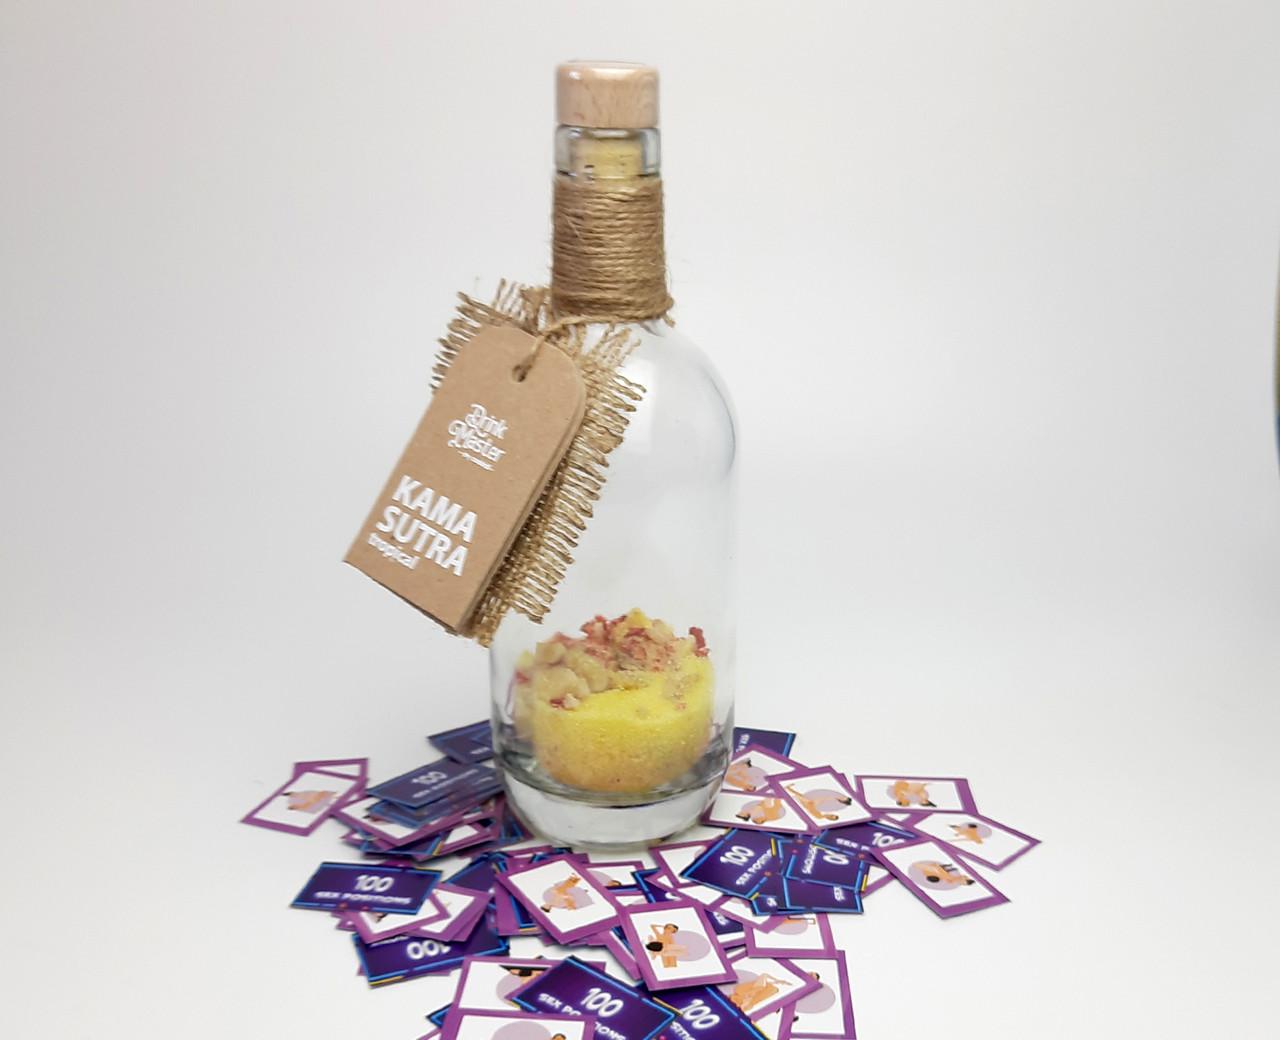 """Суміш для коктейлю Drink Master """"Камасутра"""" - коктейль для любовної вечірки або побачення"""